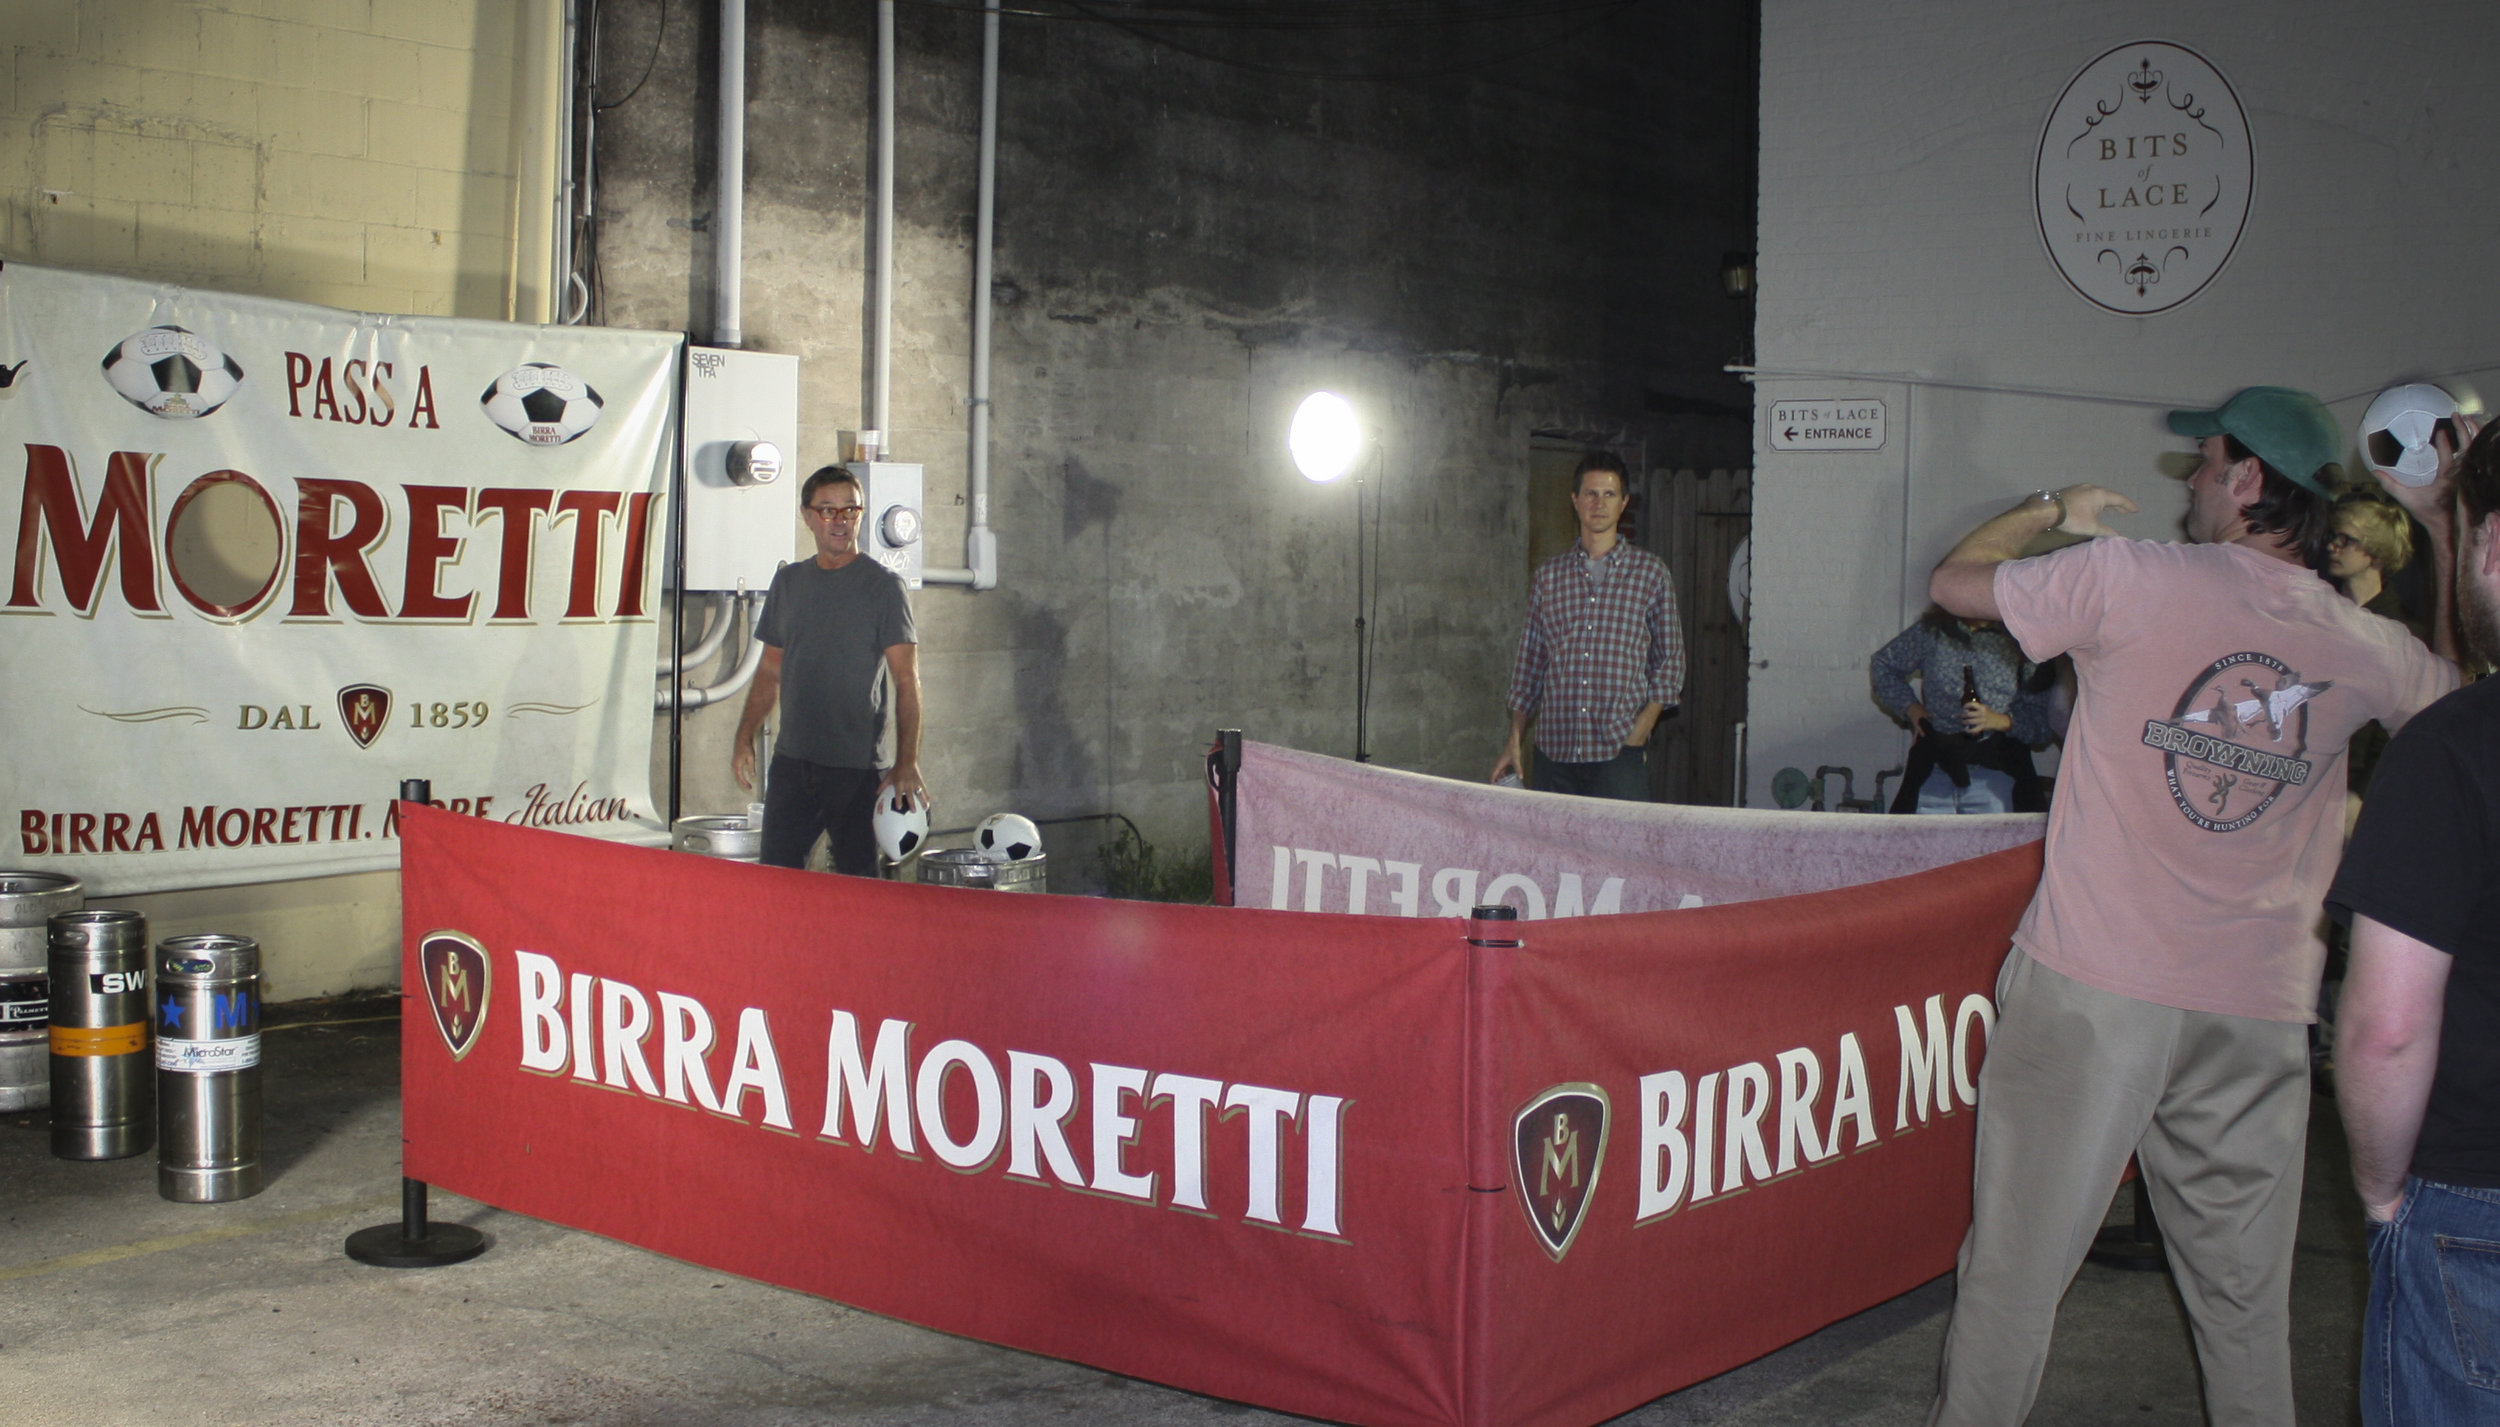 pass a moretti interactive campaign  who doesn't love birra and futbol?